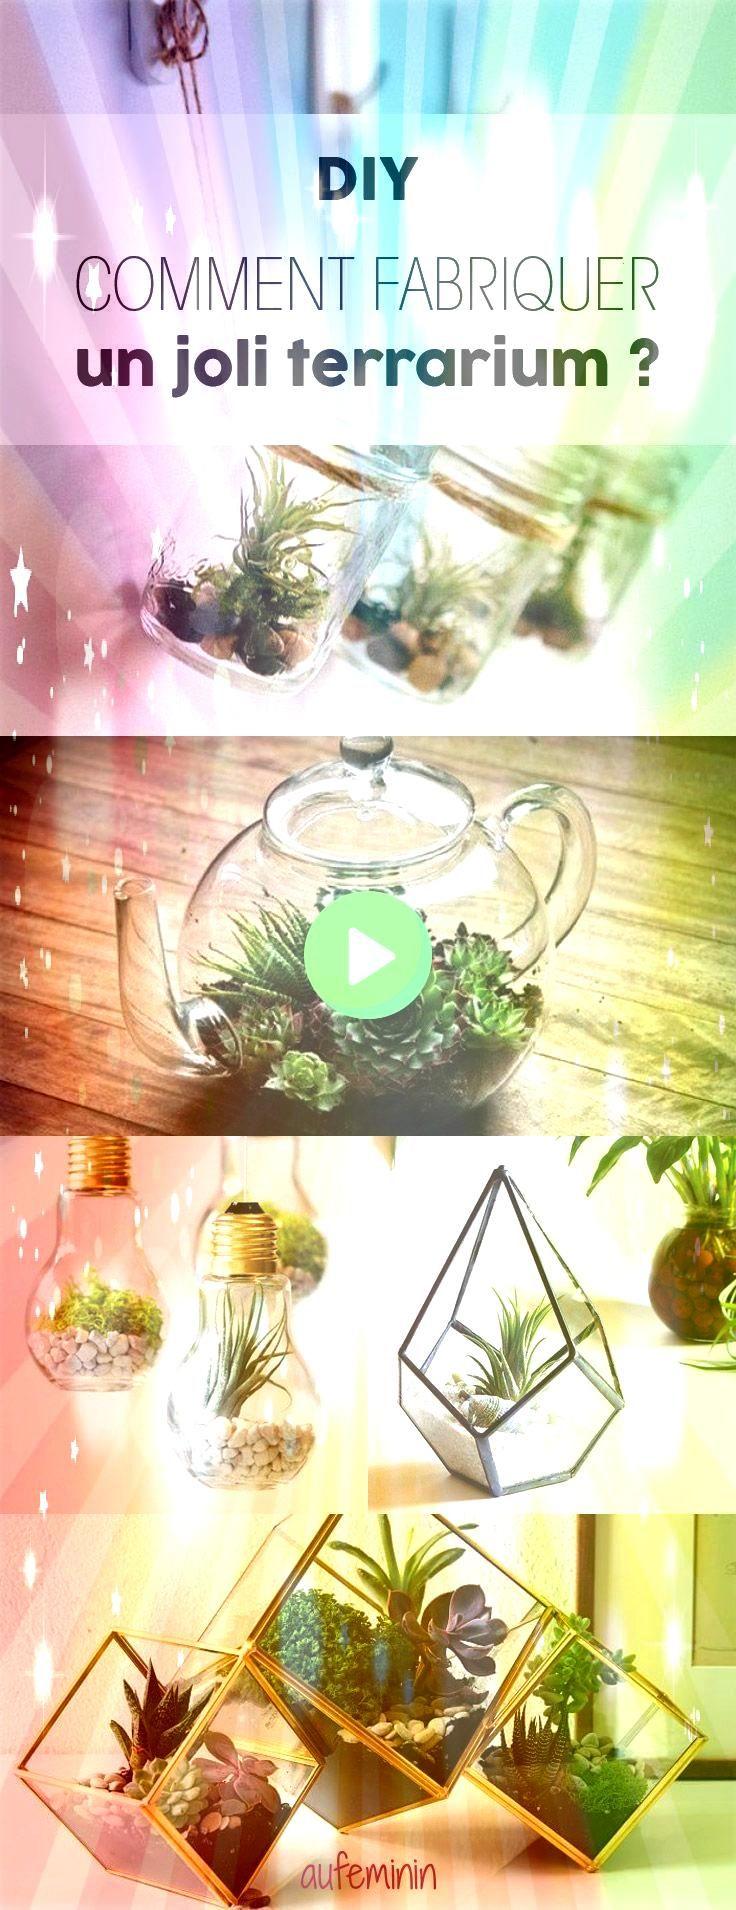 einfach selbst aus verschiedenen Gläsern herstellen und anpflanzen Terrarium einfach selbst aus verschiedenen Gläsern herstellen und anpflanzen Terrarium einfac...